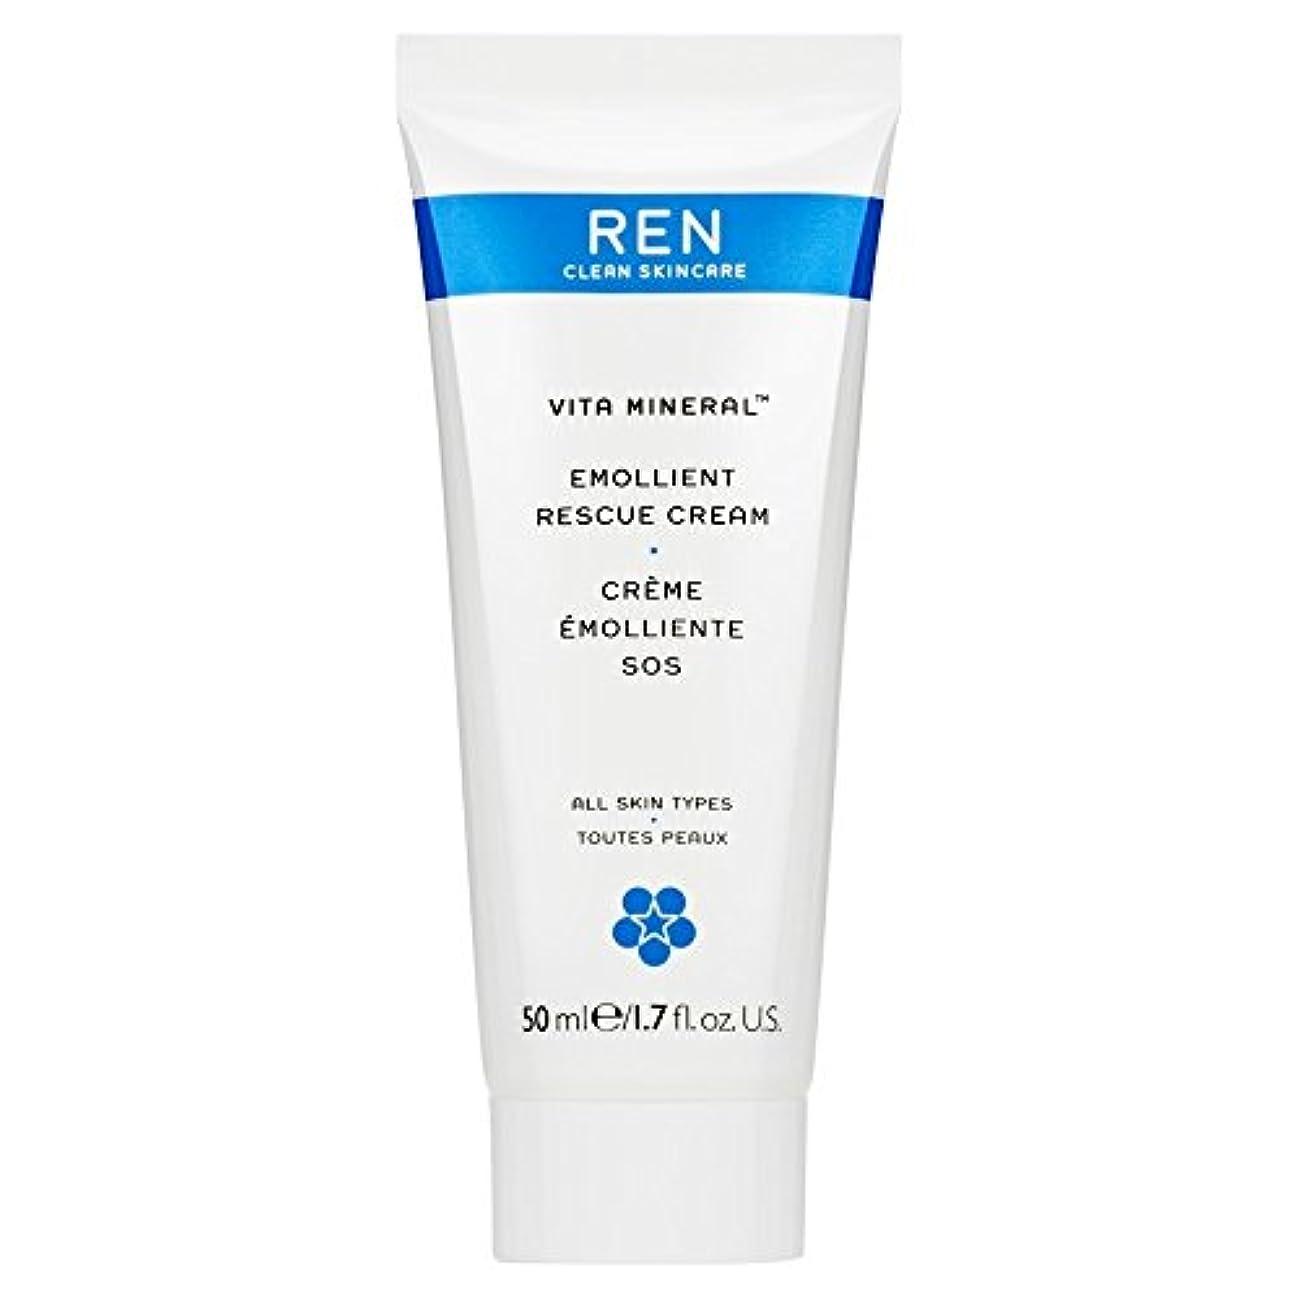 追うモニカ遵守するRenヴィータミネラルレスキュークリーム、50ミリリットル (REN) (x6) - REN Vita Mineral Rescue Cream, 50ml (Pack of 6) [並行輸入品]